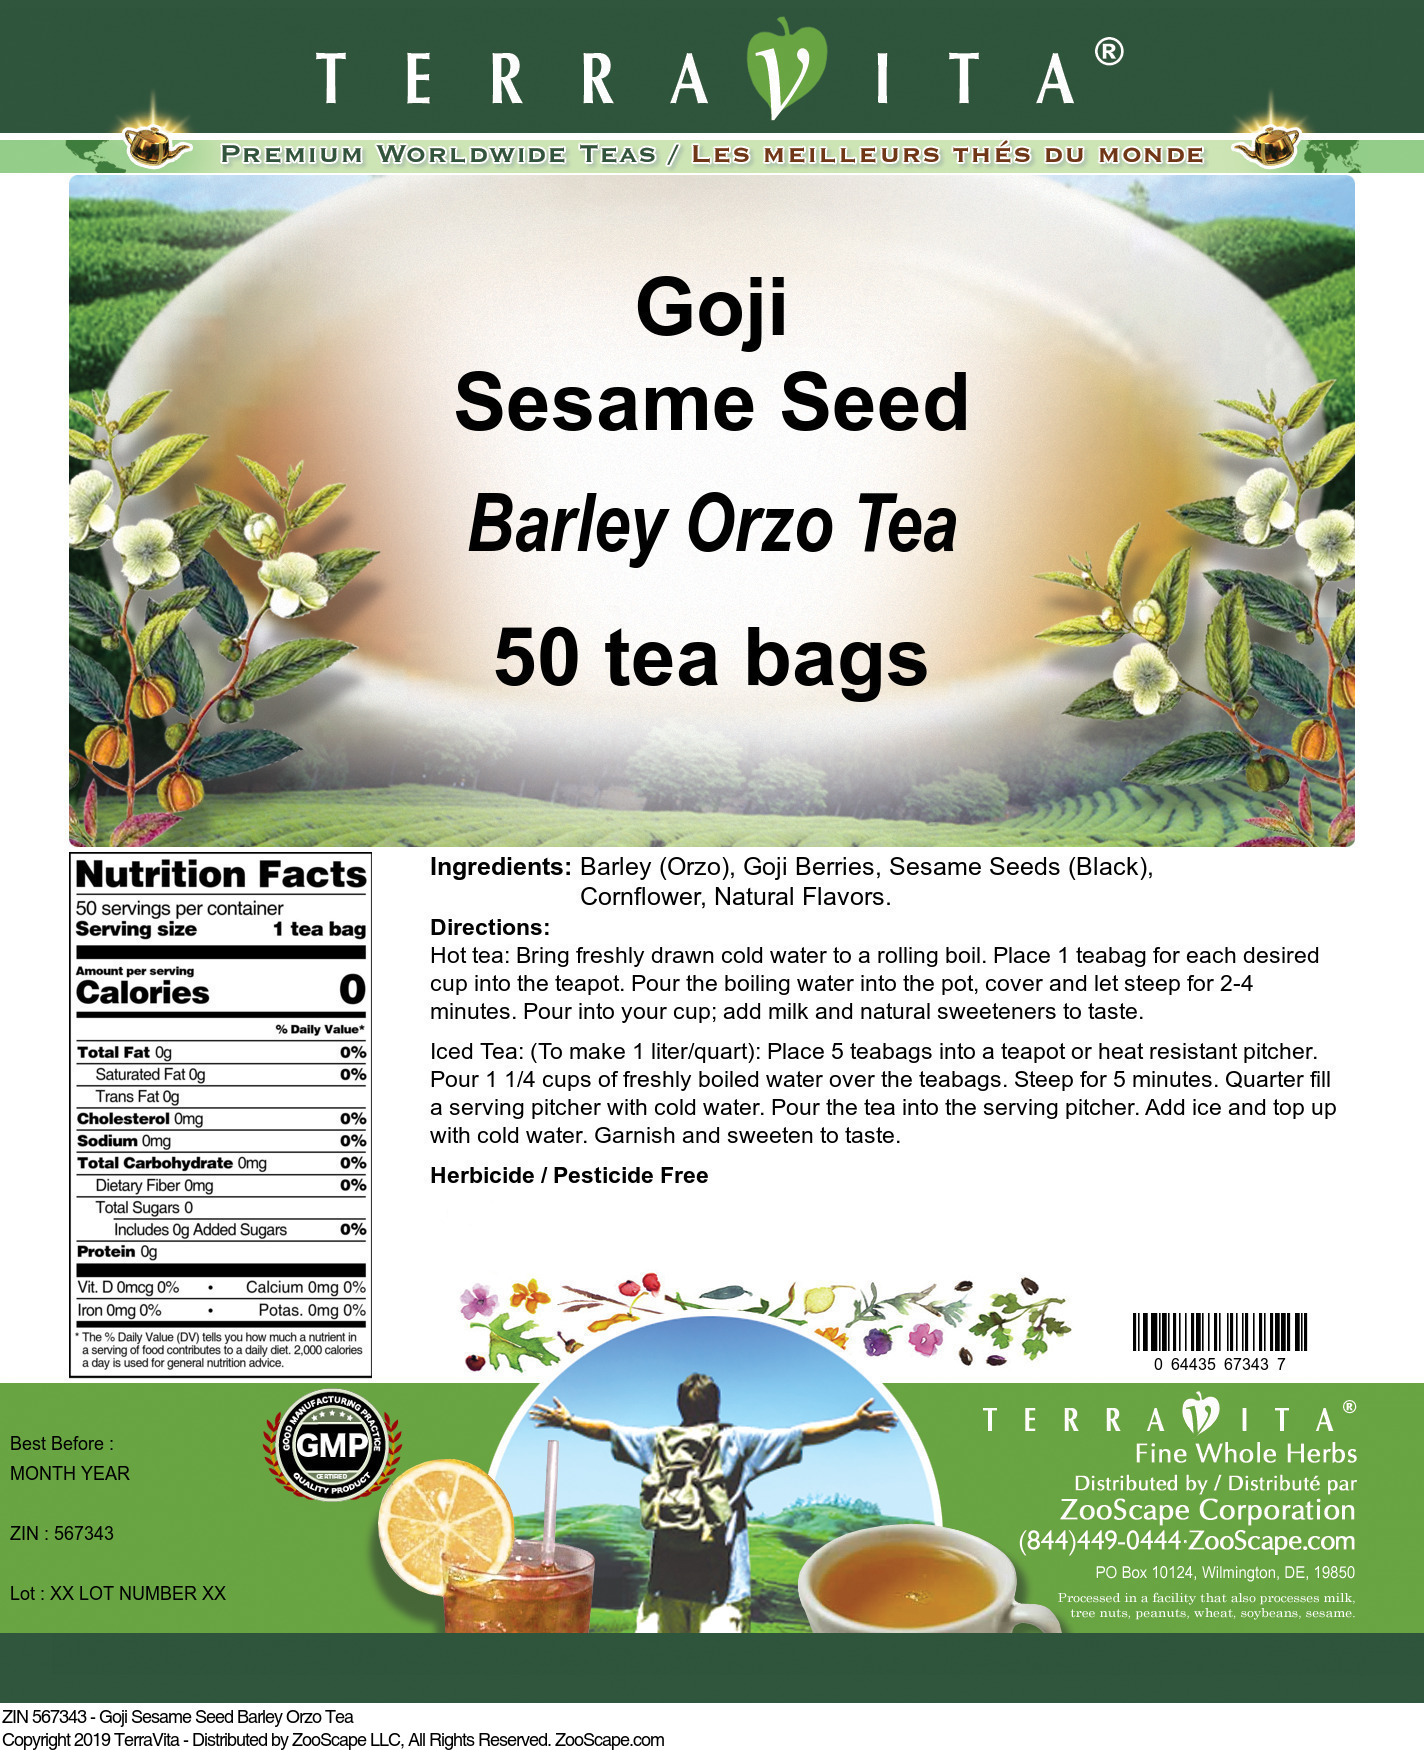 Goji Sesame Seed Barley Orzo